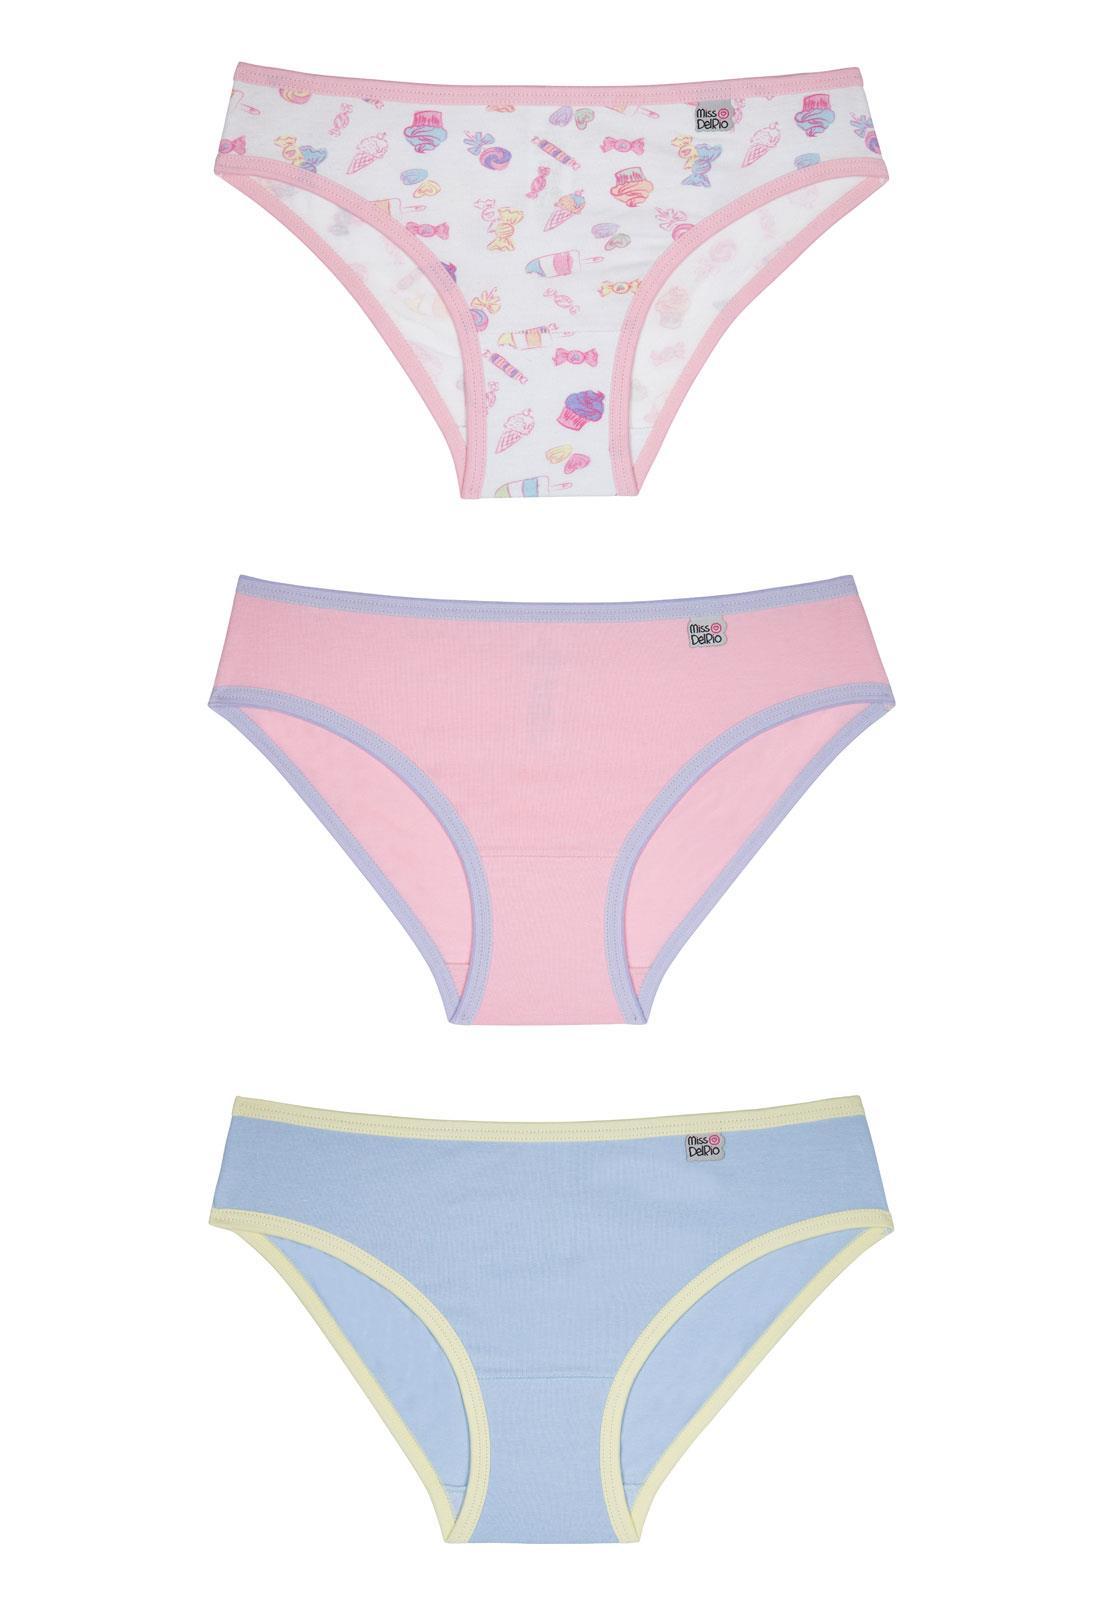 c98b8654e Kit Infantil com 3 Calcinhas Miss DelRio 51354 - Le Lingerie